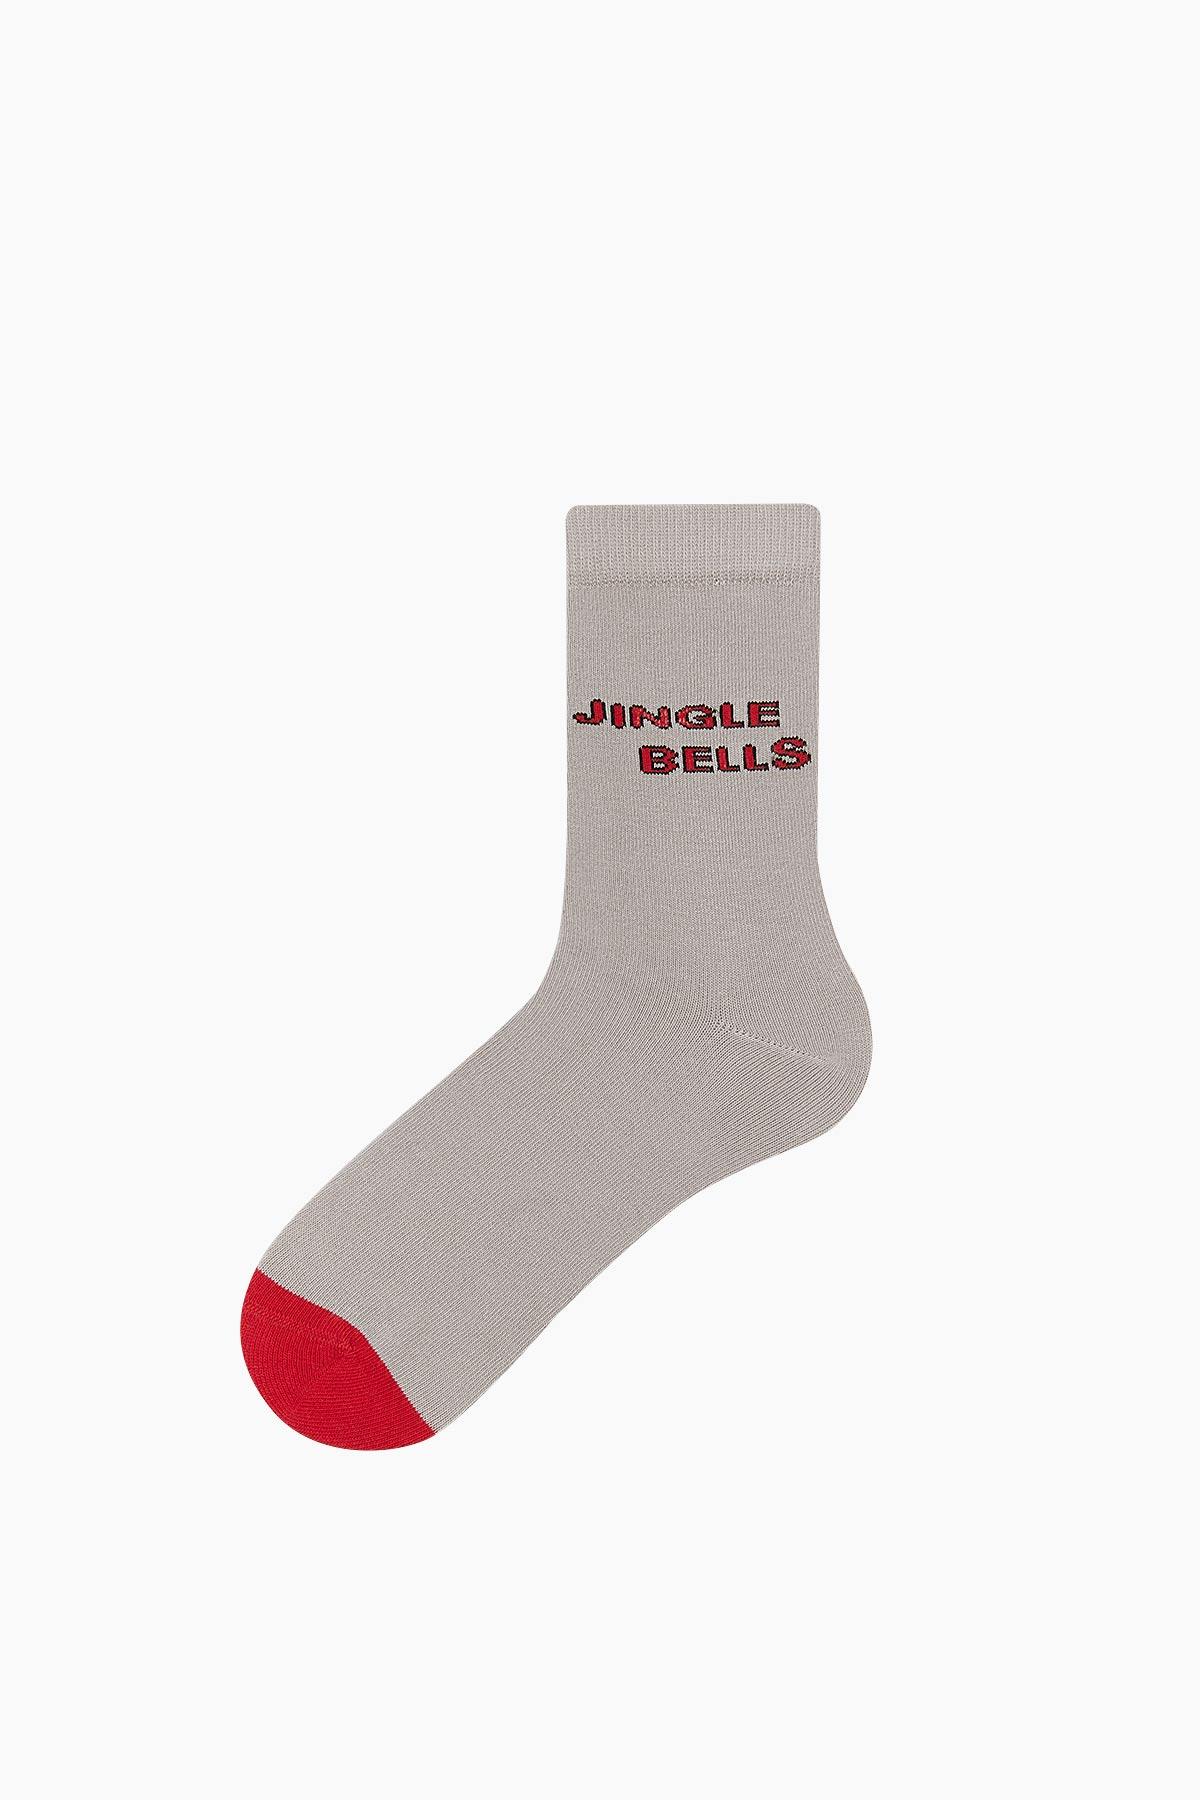 Bross Jingle Bells Yazılı Unisex Yılbaşı Çorabı - Thumbnail